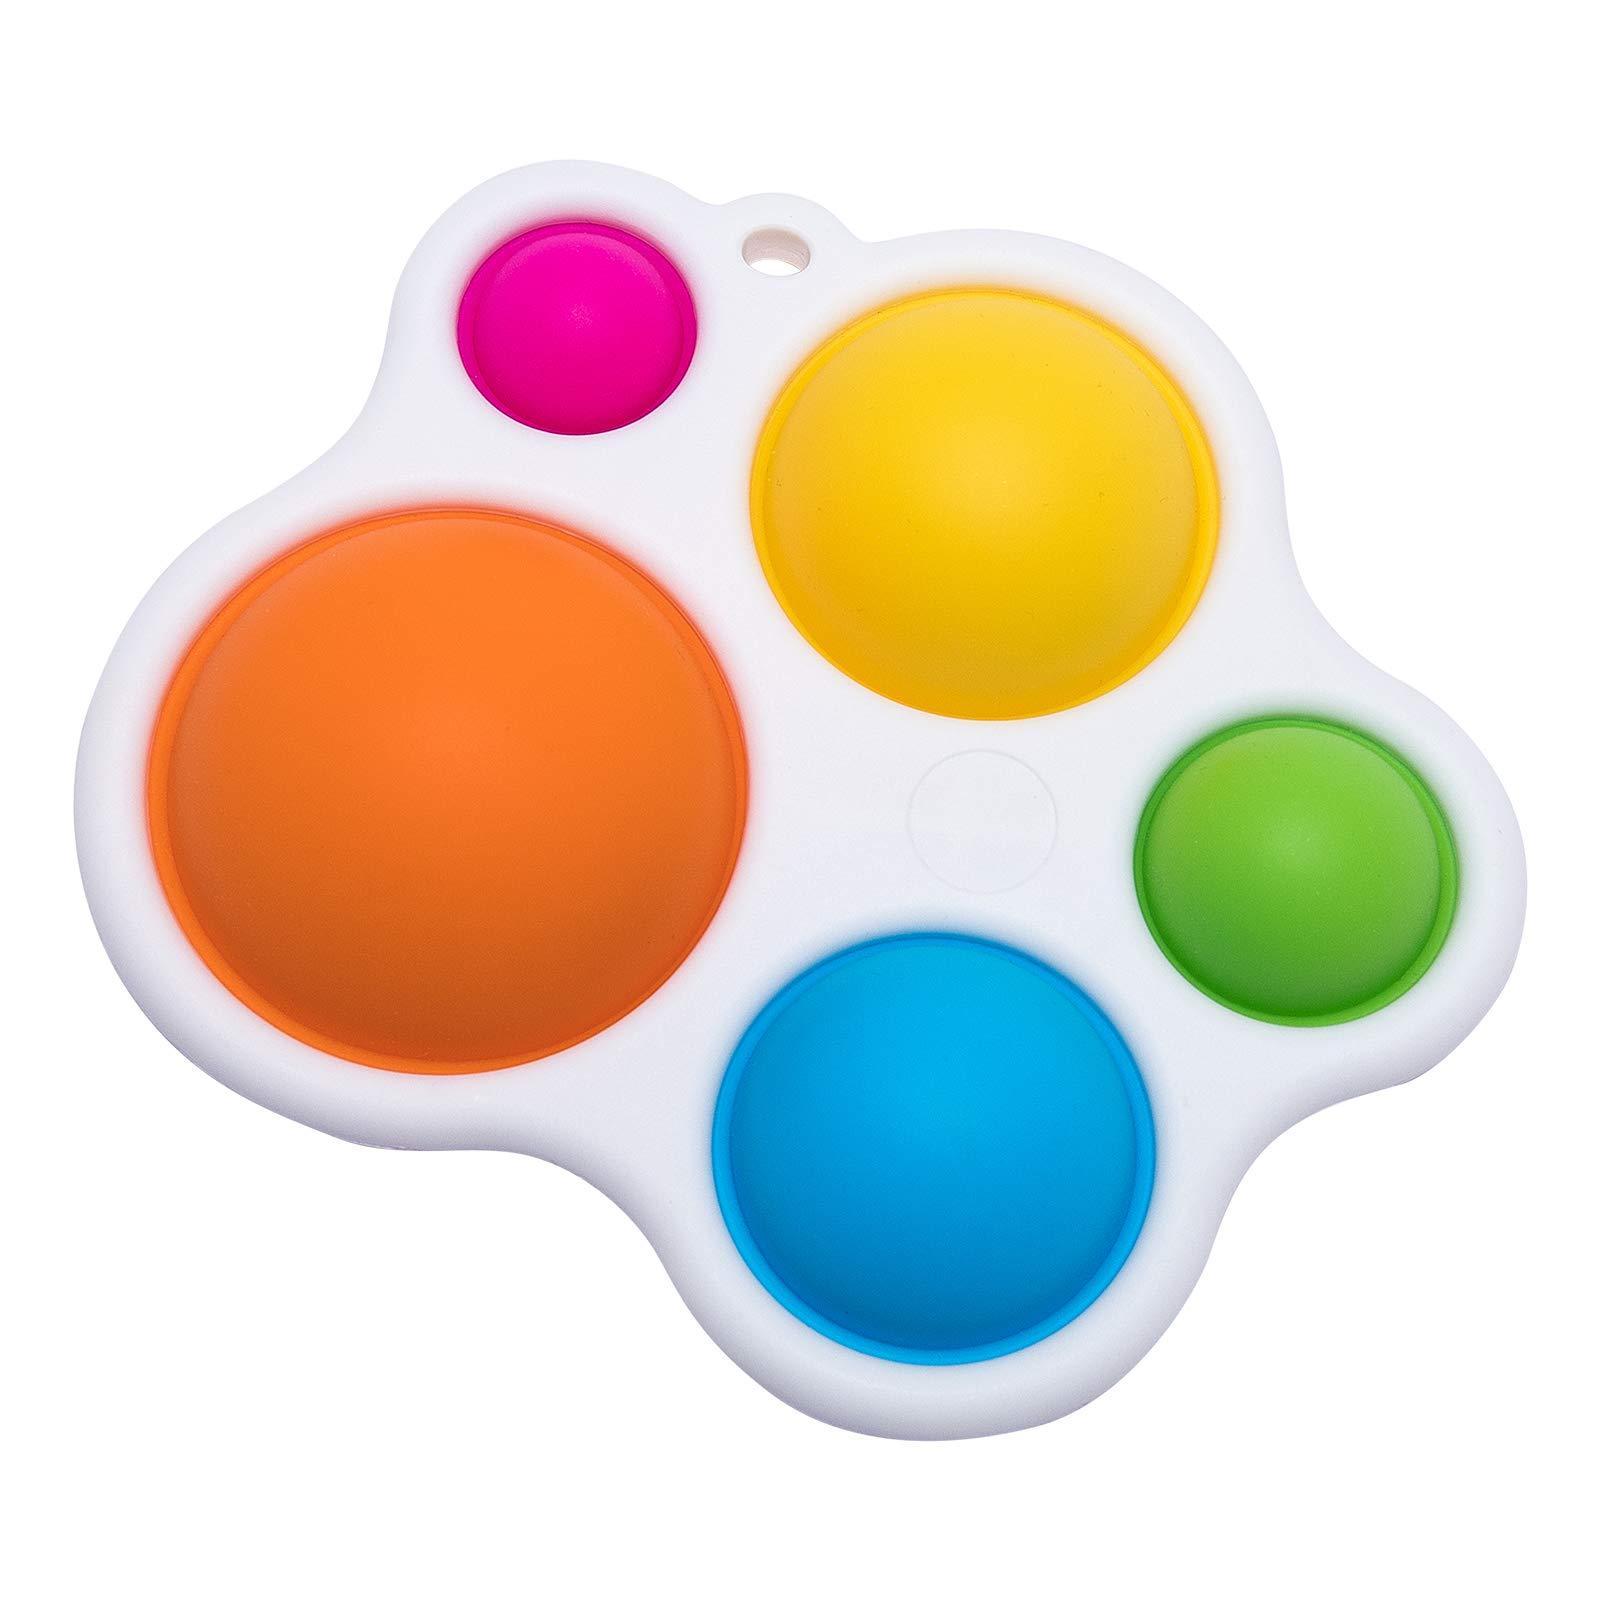 Simples Dimple Fidget Popper Brinquedos, Pop Fidget Push Pop Silicone Sensory Brinquedos, Infantil Educação Antecipada Areia Atenção Brinquedos